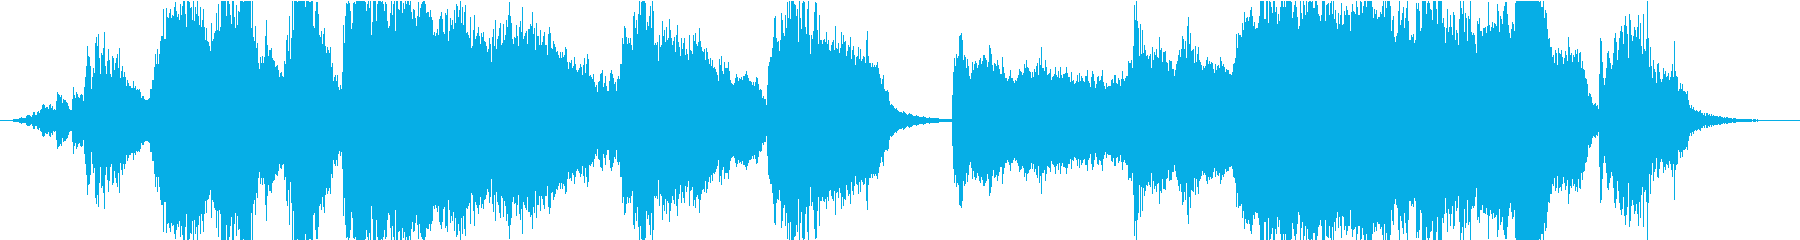 ホラー サスペンス系の不穏なアンビエントの再生済みの波形